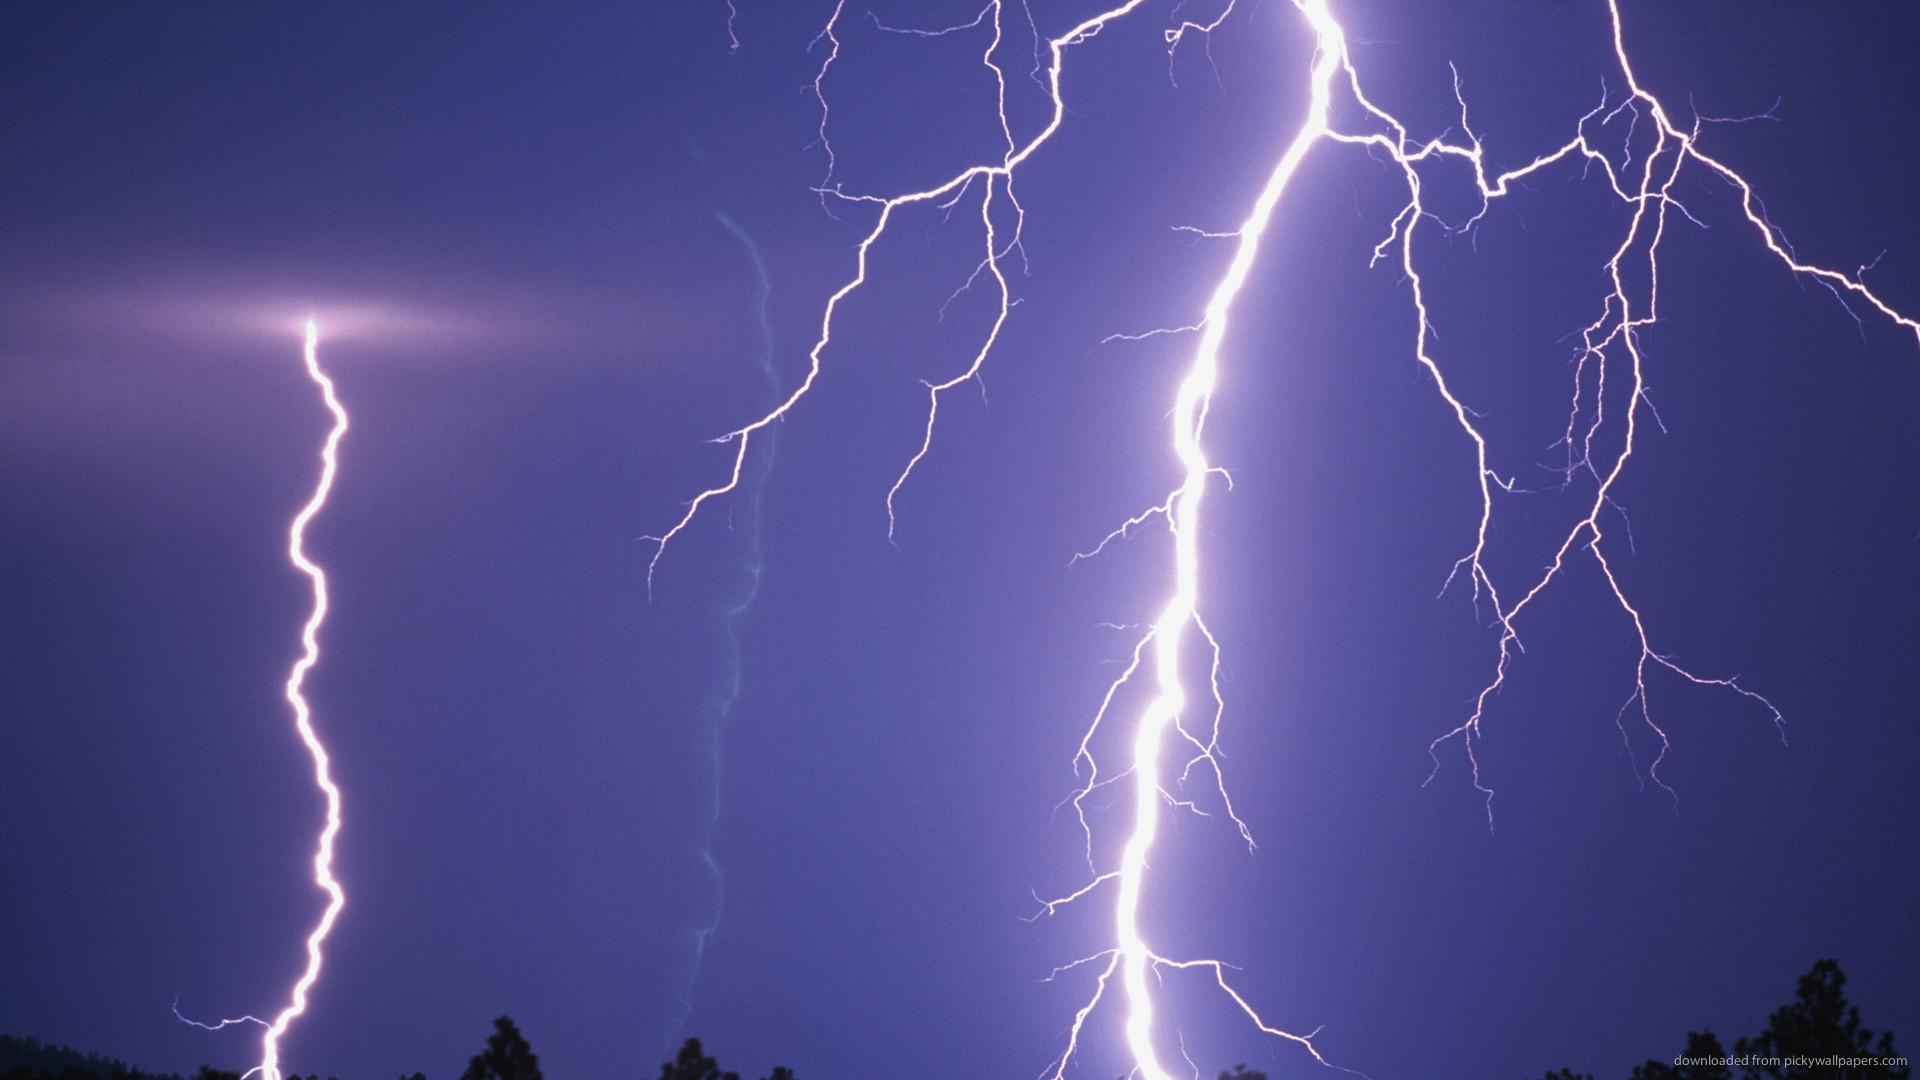 HD Massive Lightning wallpaper